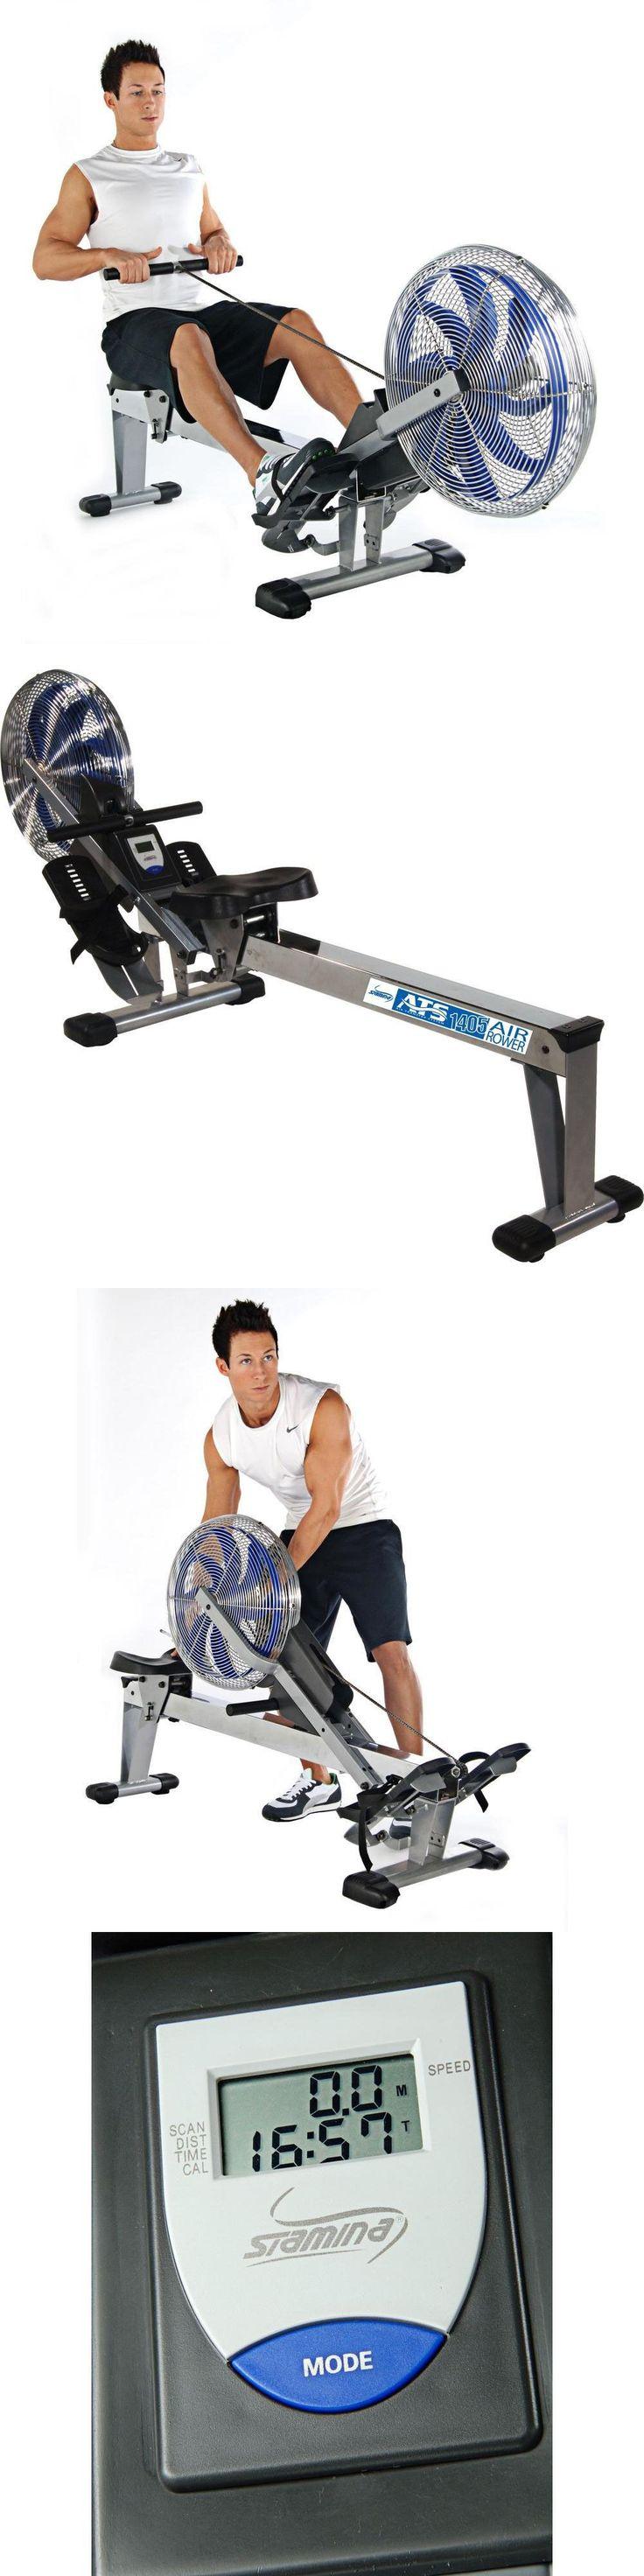 cardio row machine